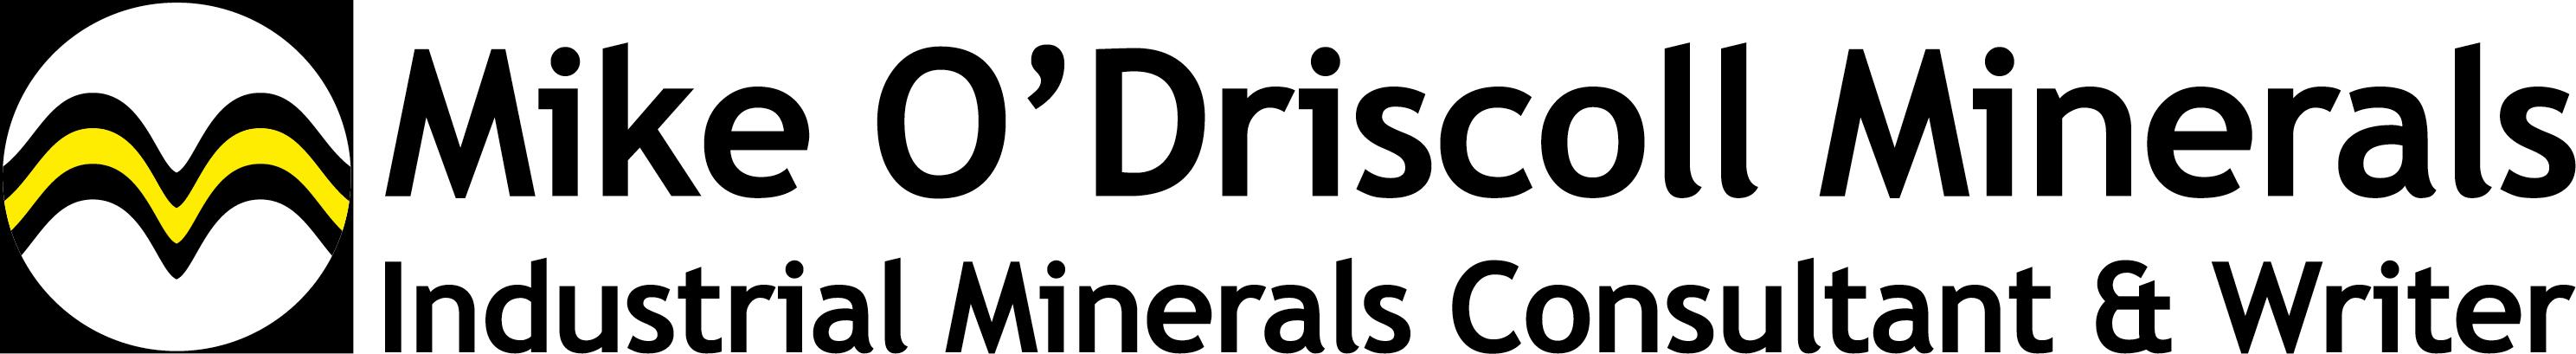 Mike O'Driscoll Minerals